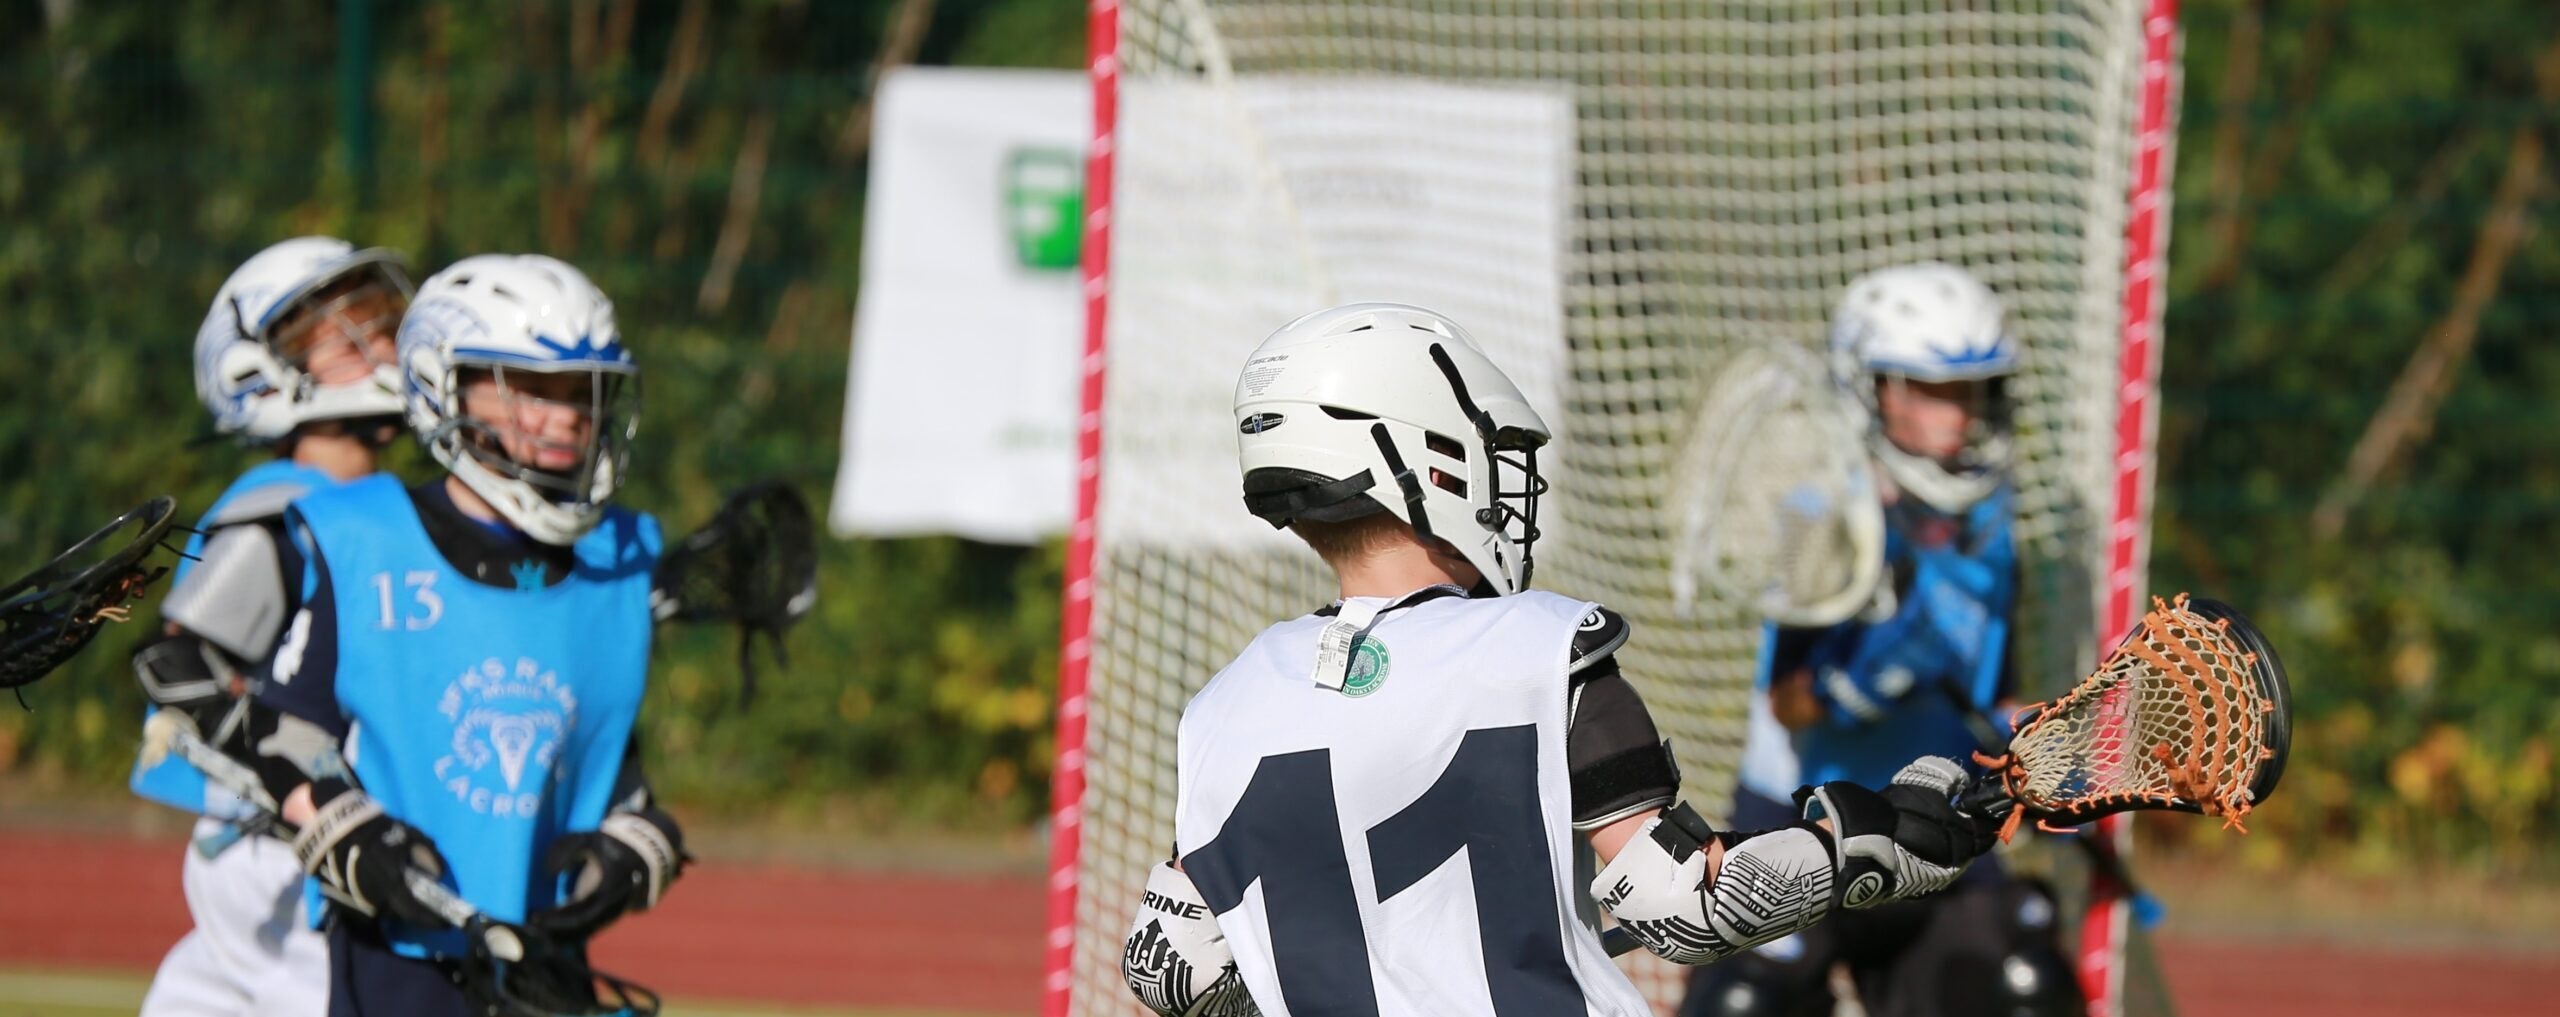 JFKS Lacrosse